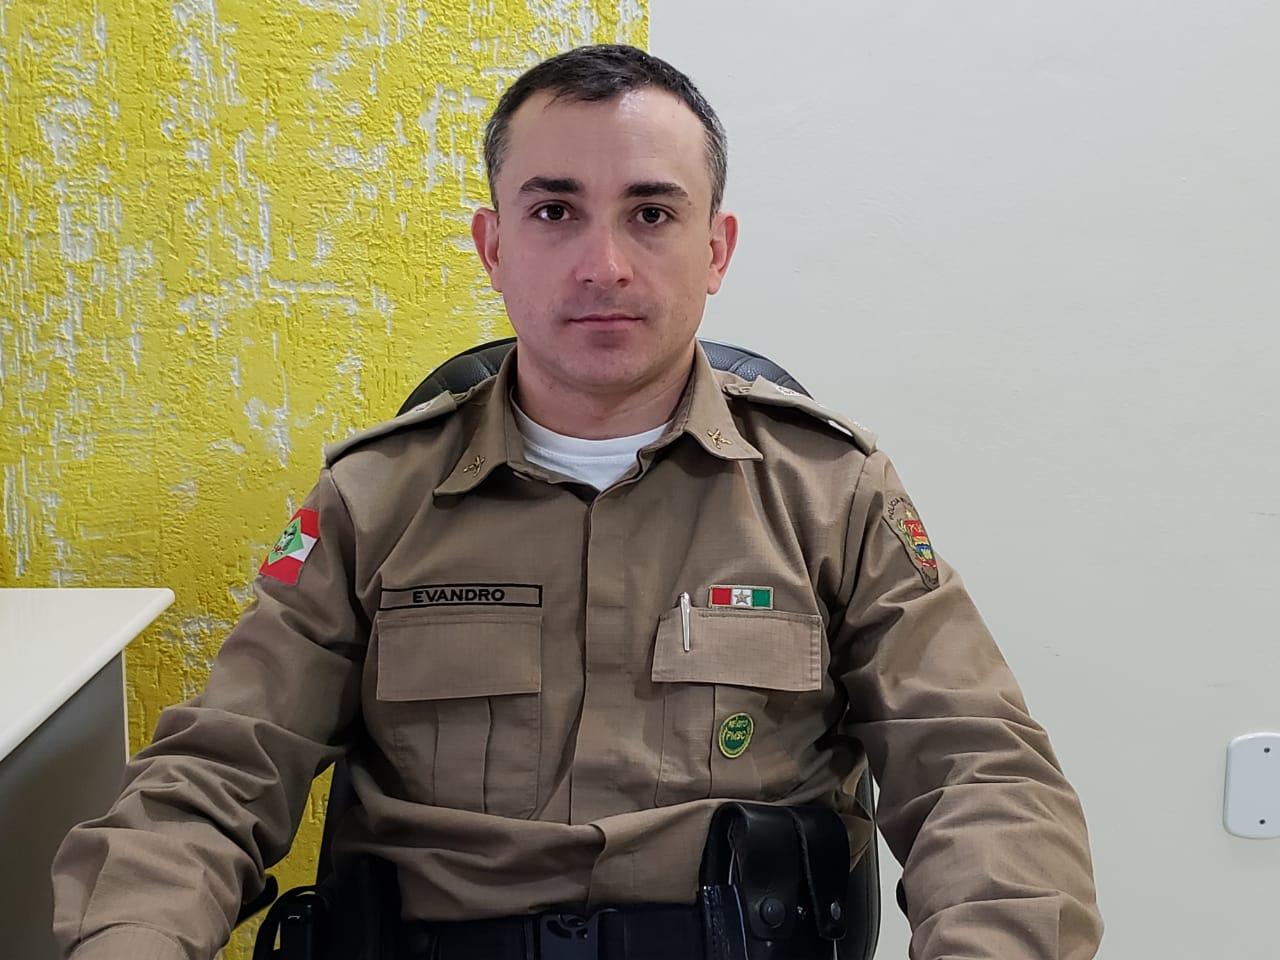 Major Evandro Vieira assume comando da 3ª Companhia de Polícia Militar Rodoviária